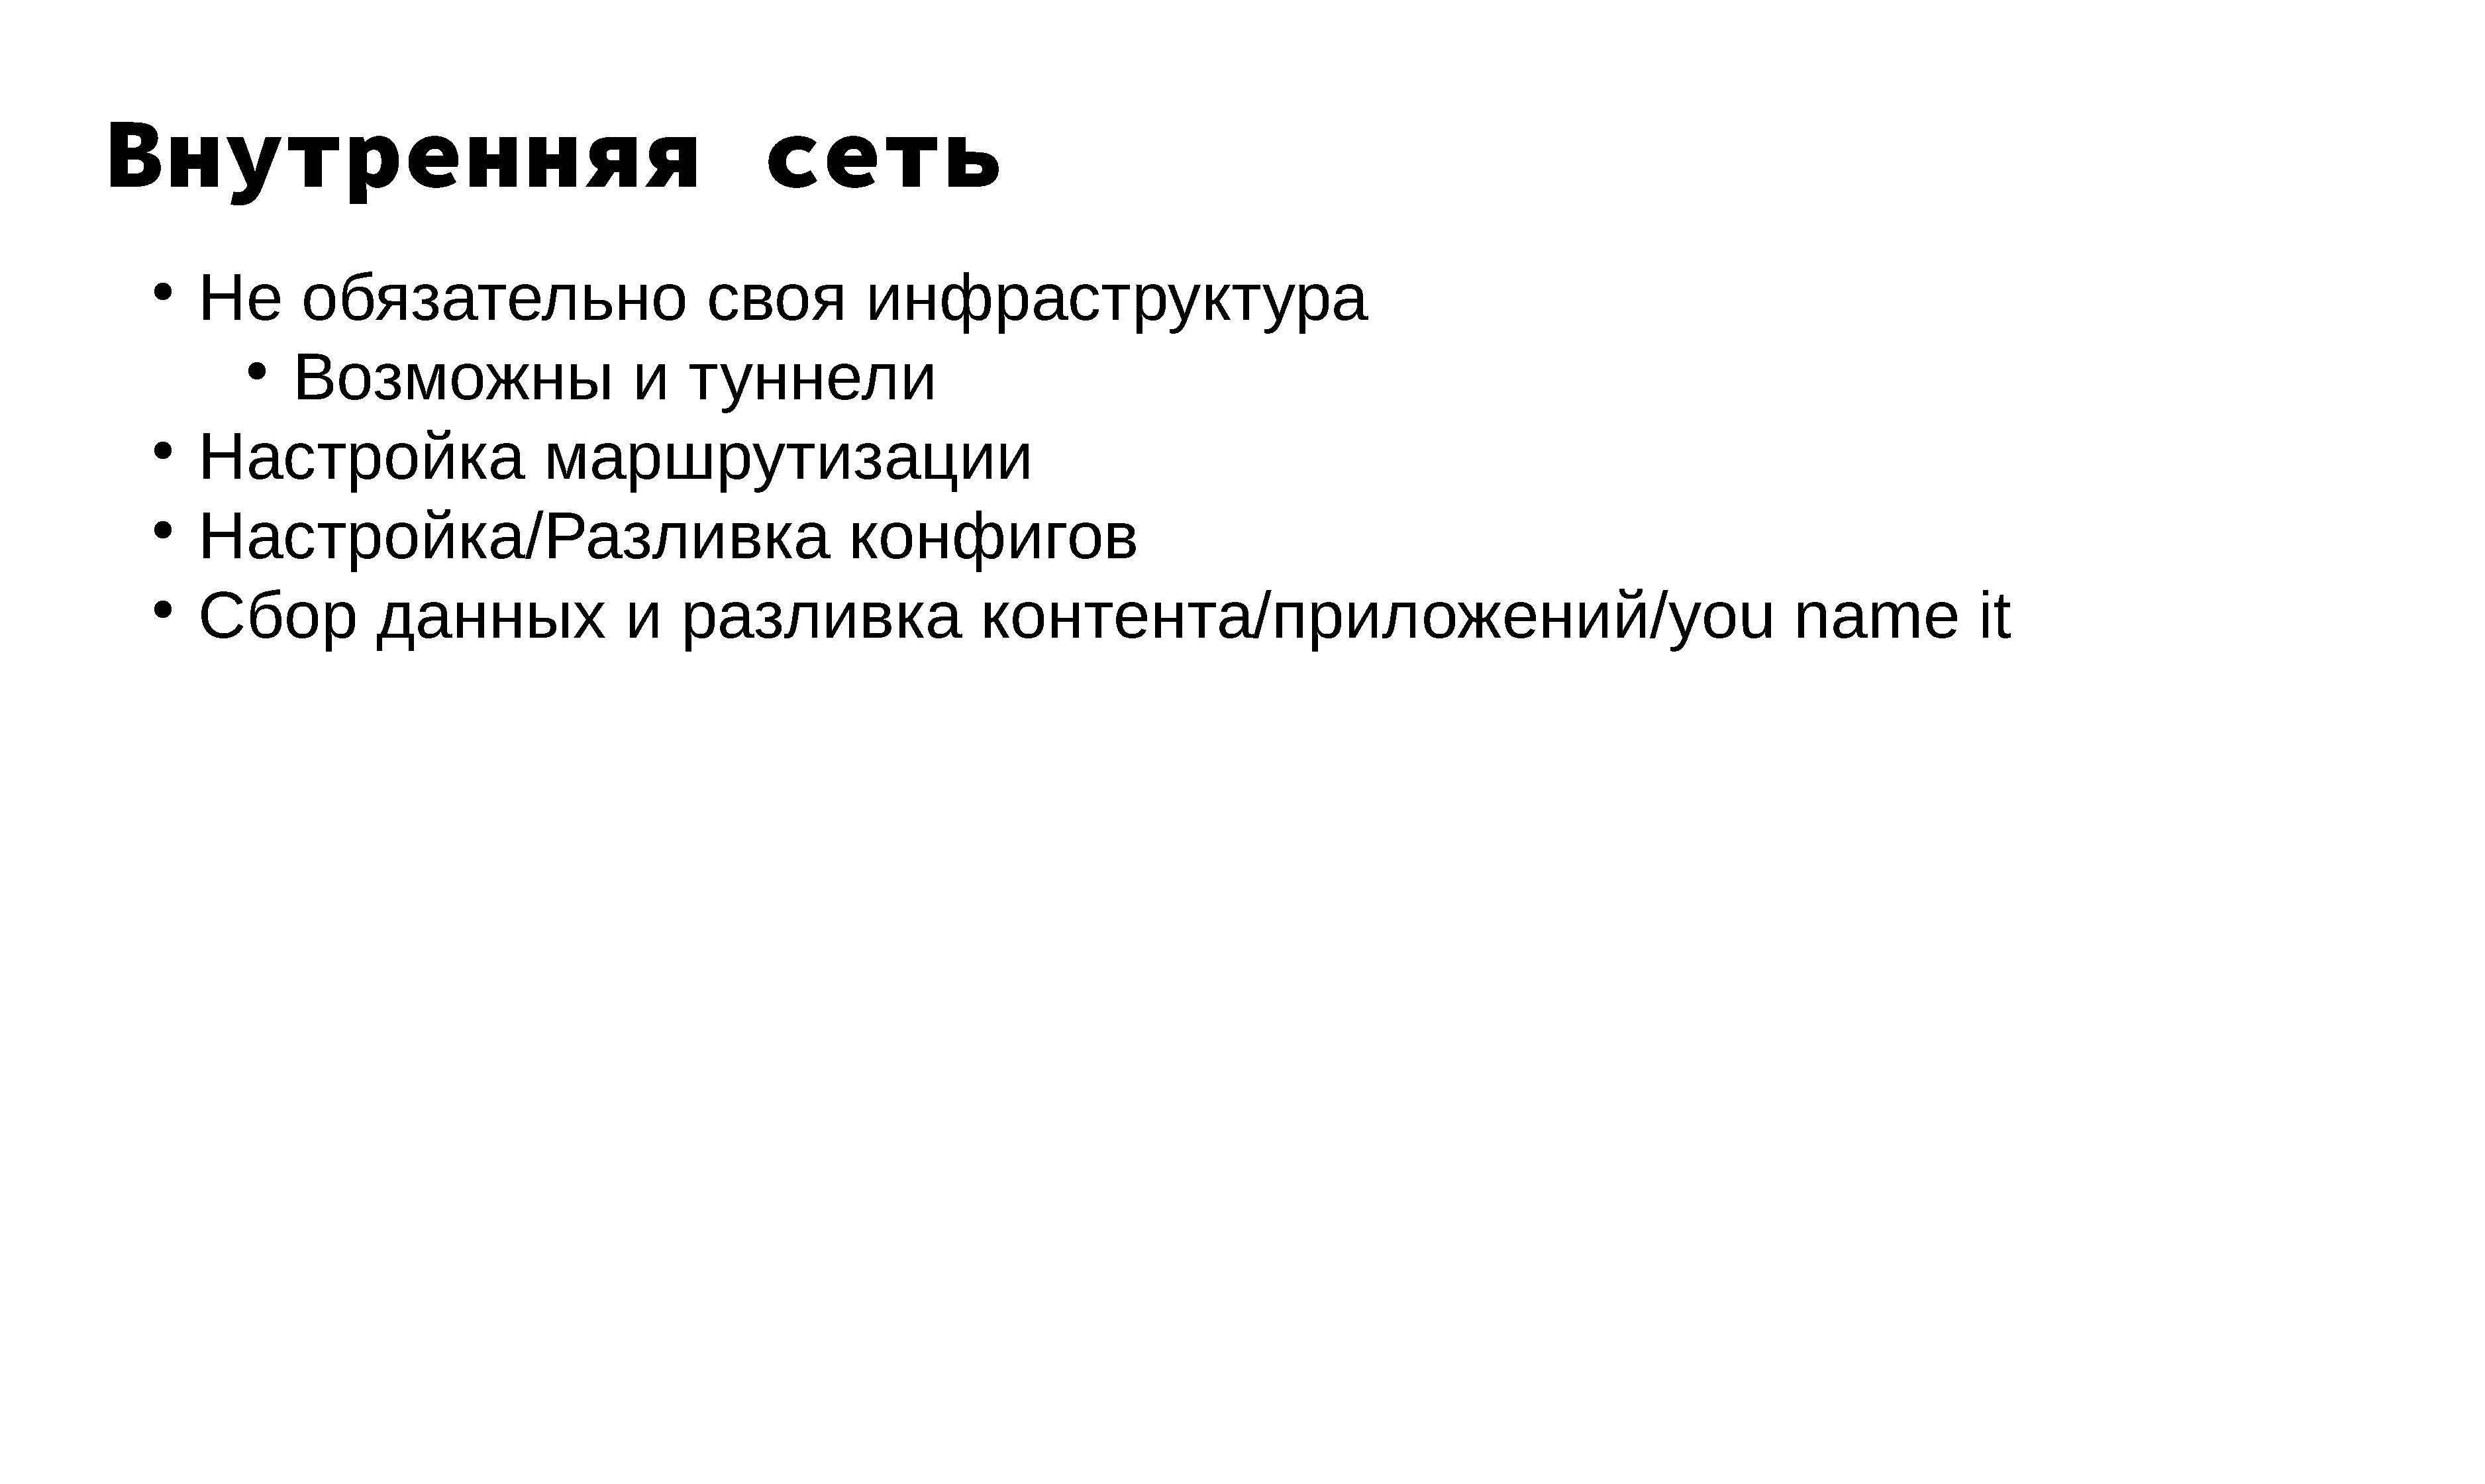 Построение и эксплуатация отказоустойчивой anycast-сети - 23